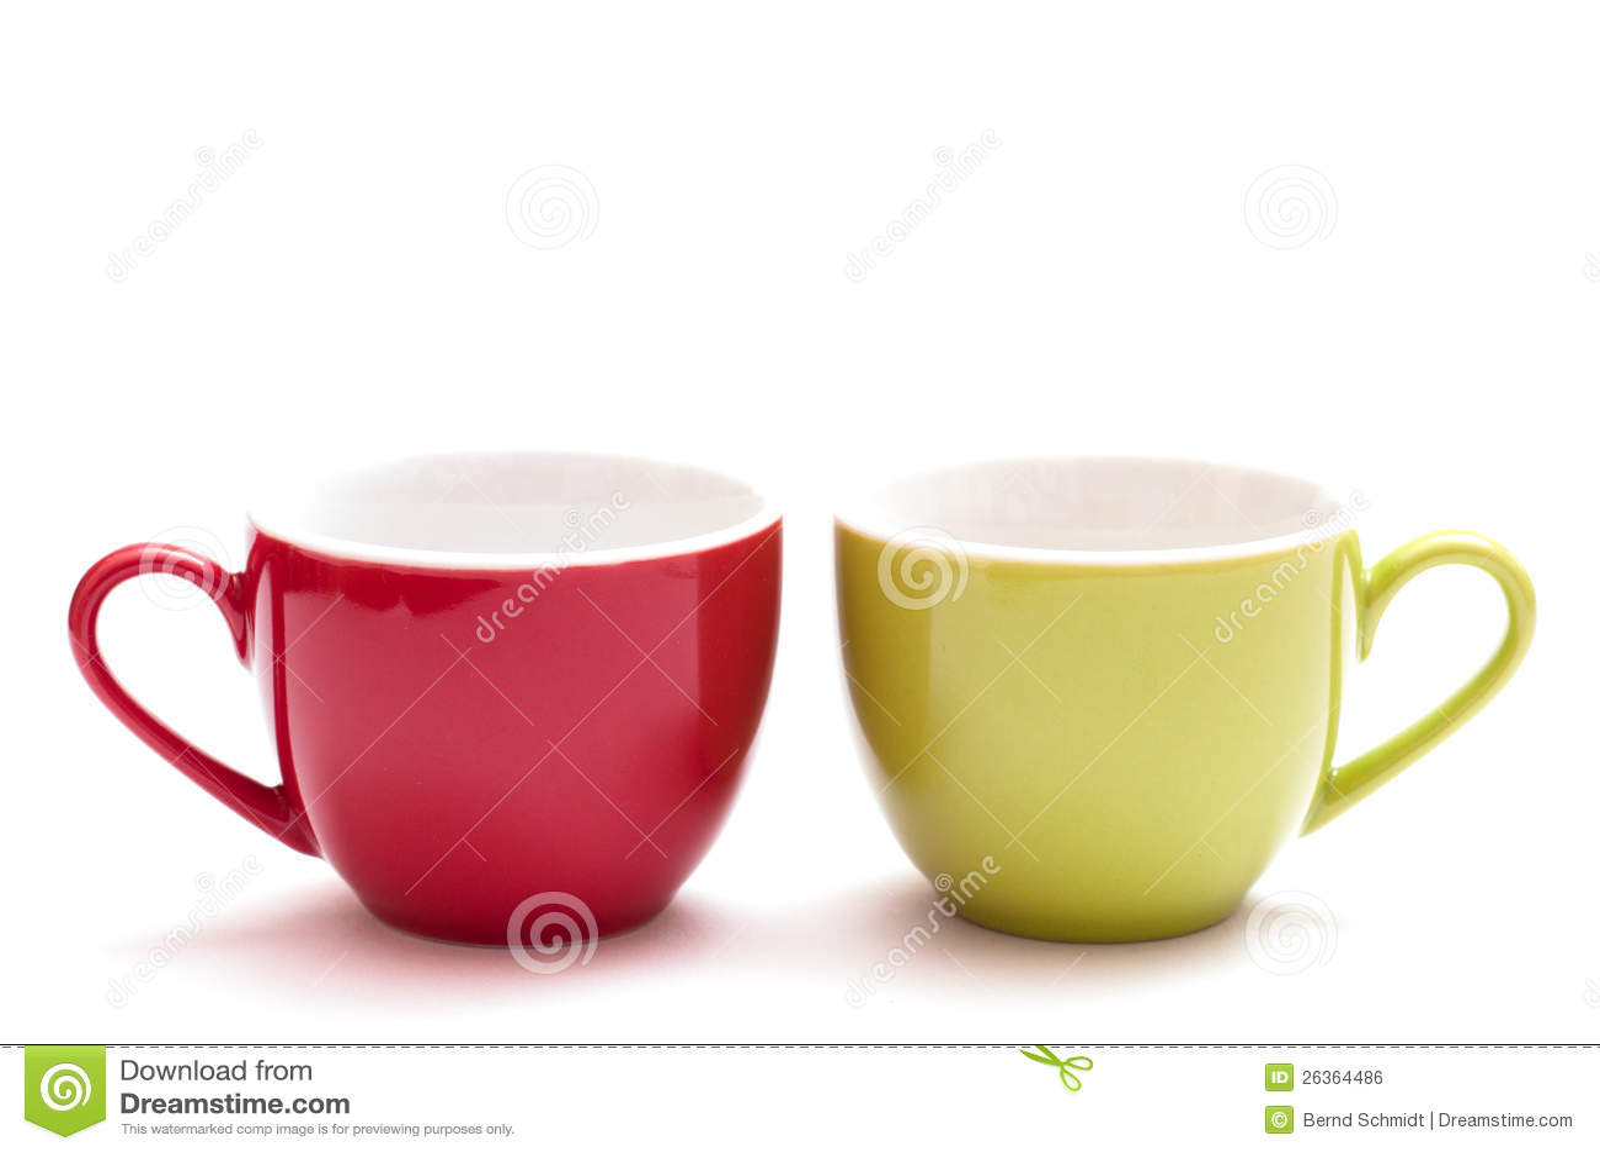 Rote und grüne Kaffeetasse